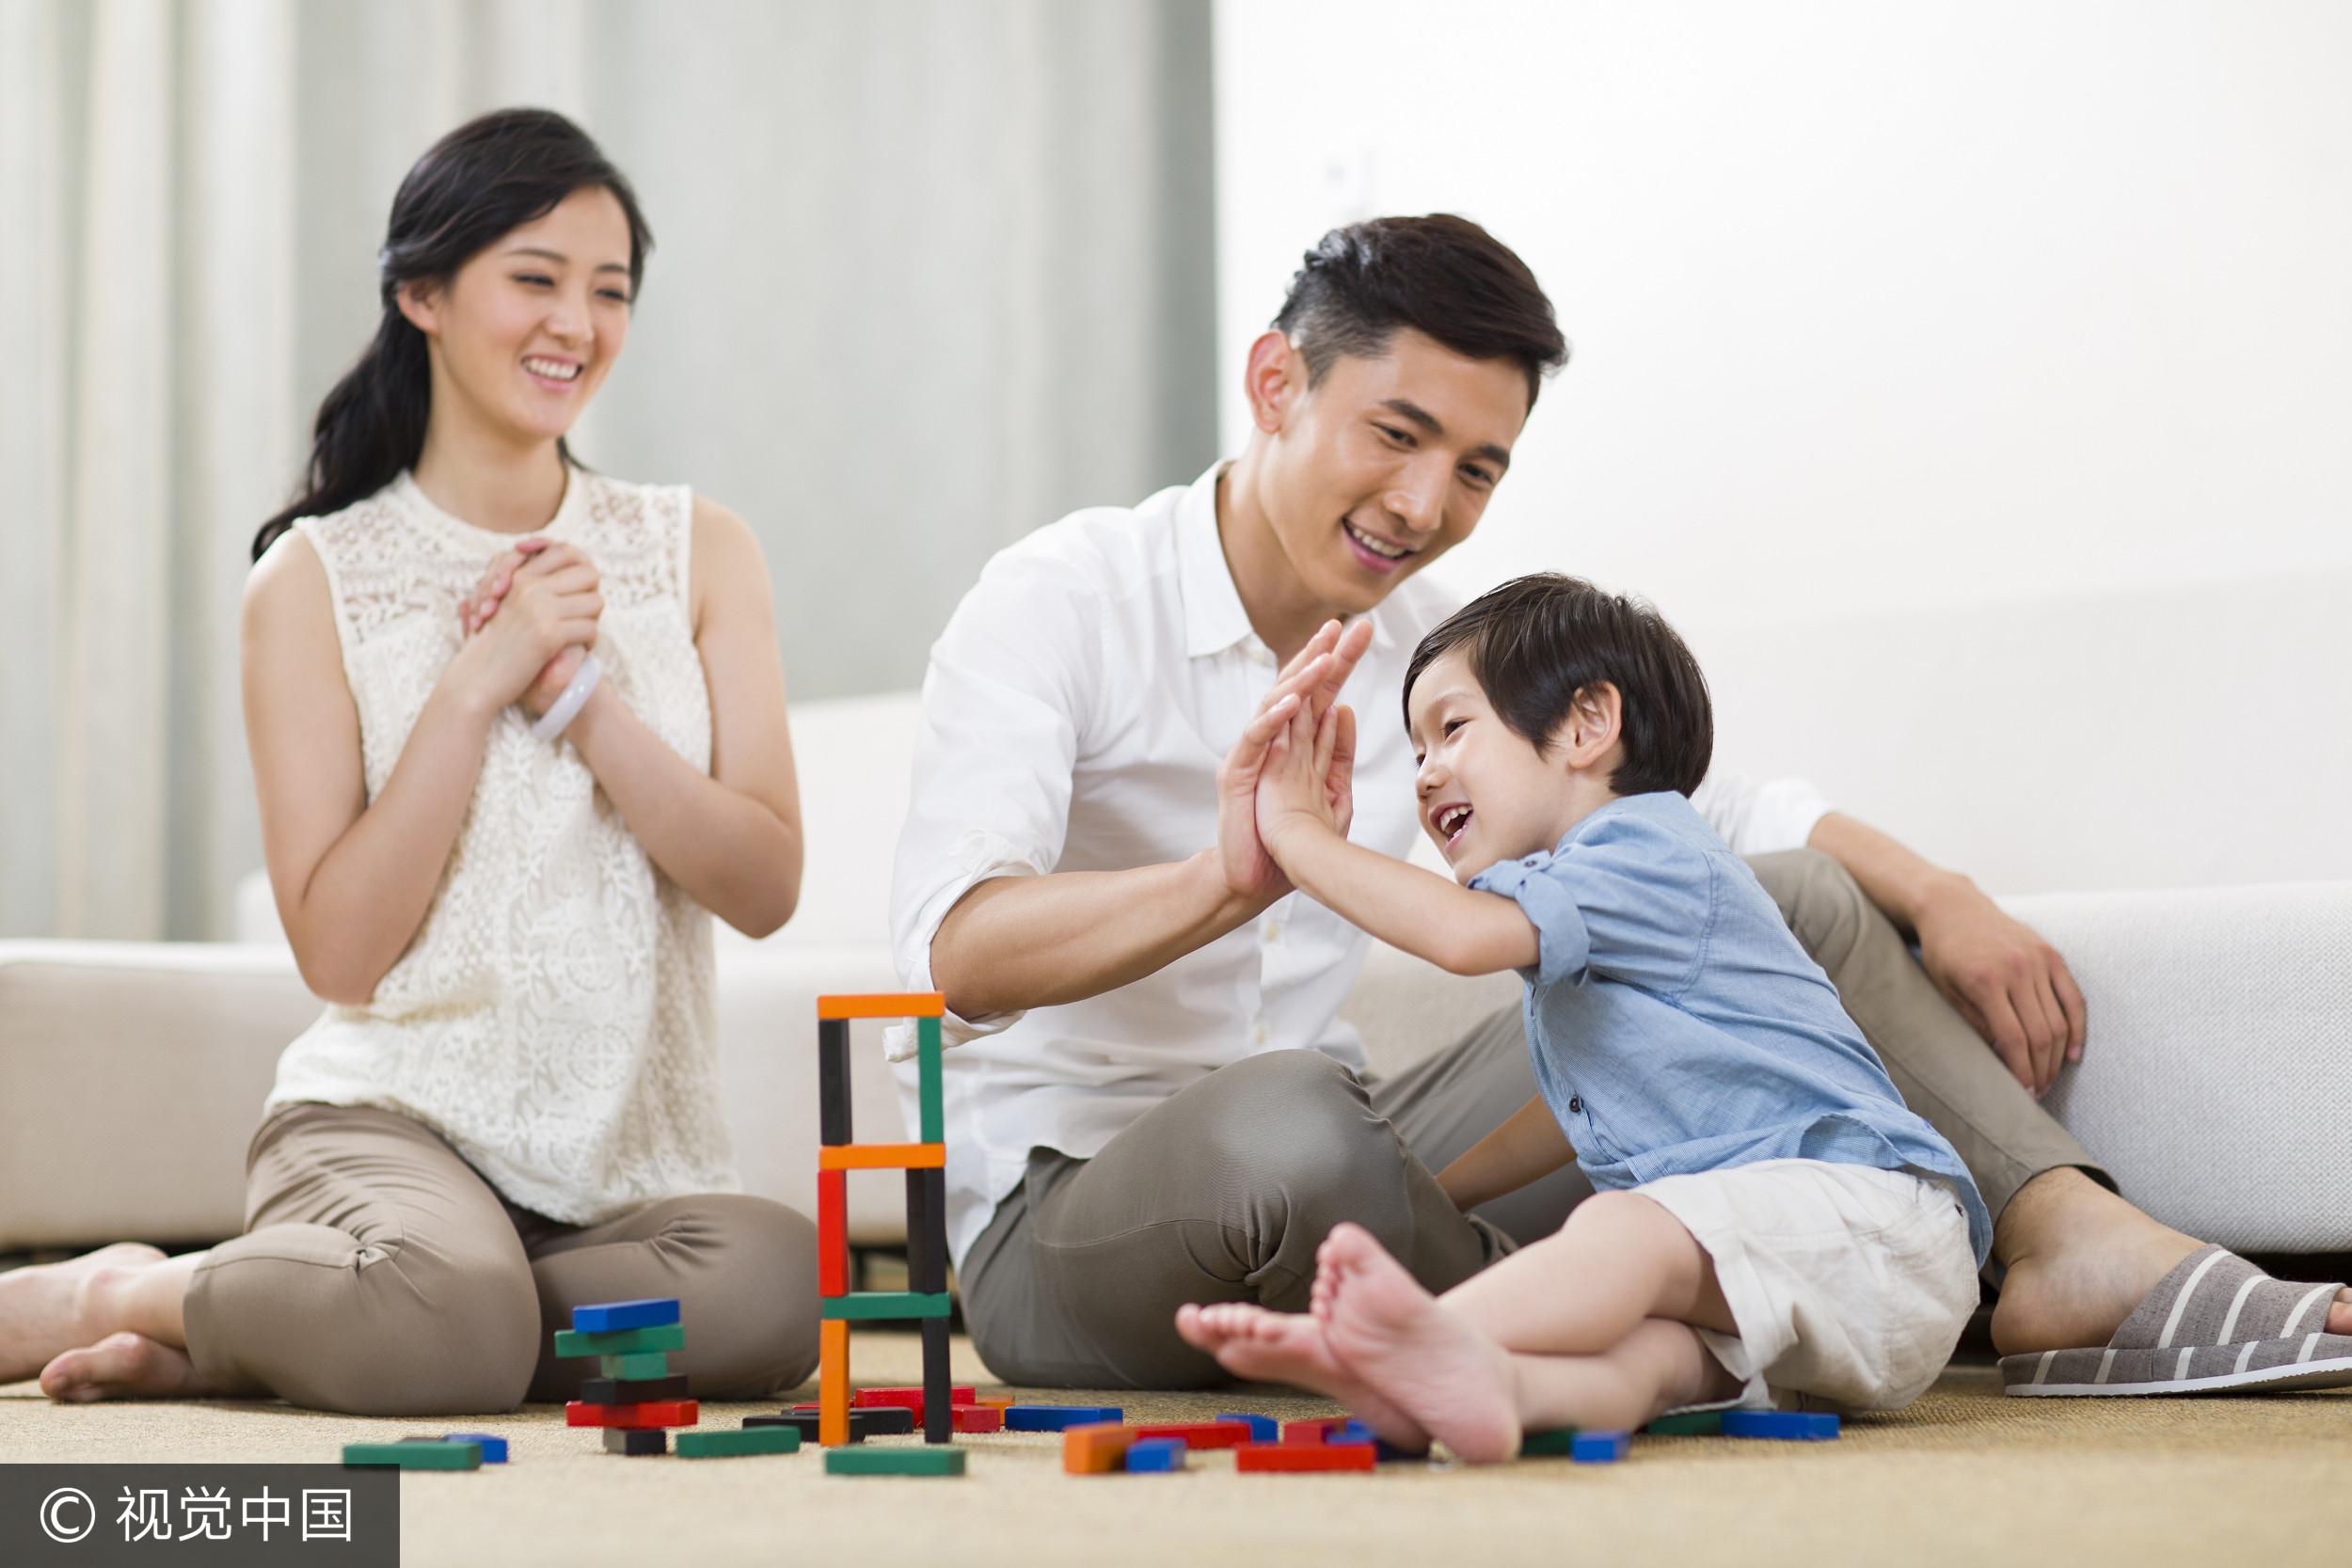 ▲▼聊是非用圖,親子,家庭,夫妻,育兒 。(圖/視覺中國CFP提供)